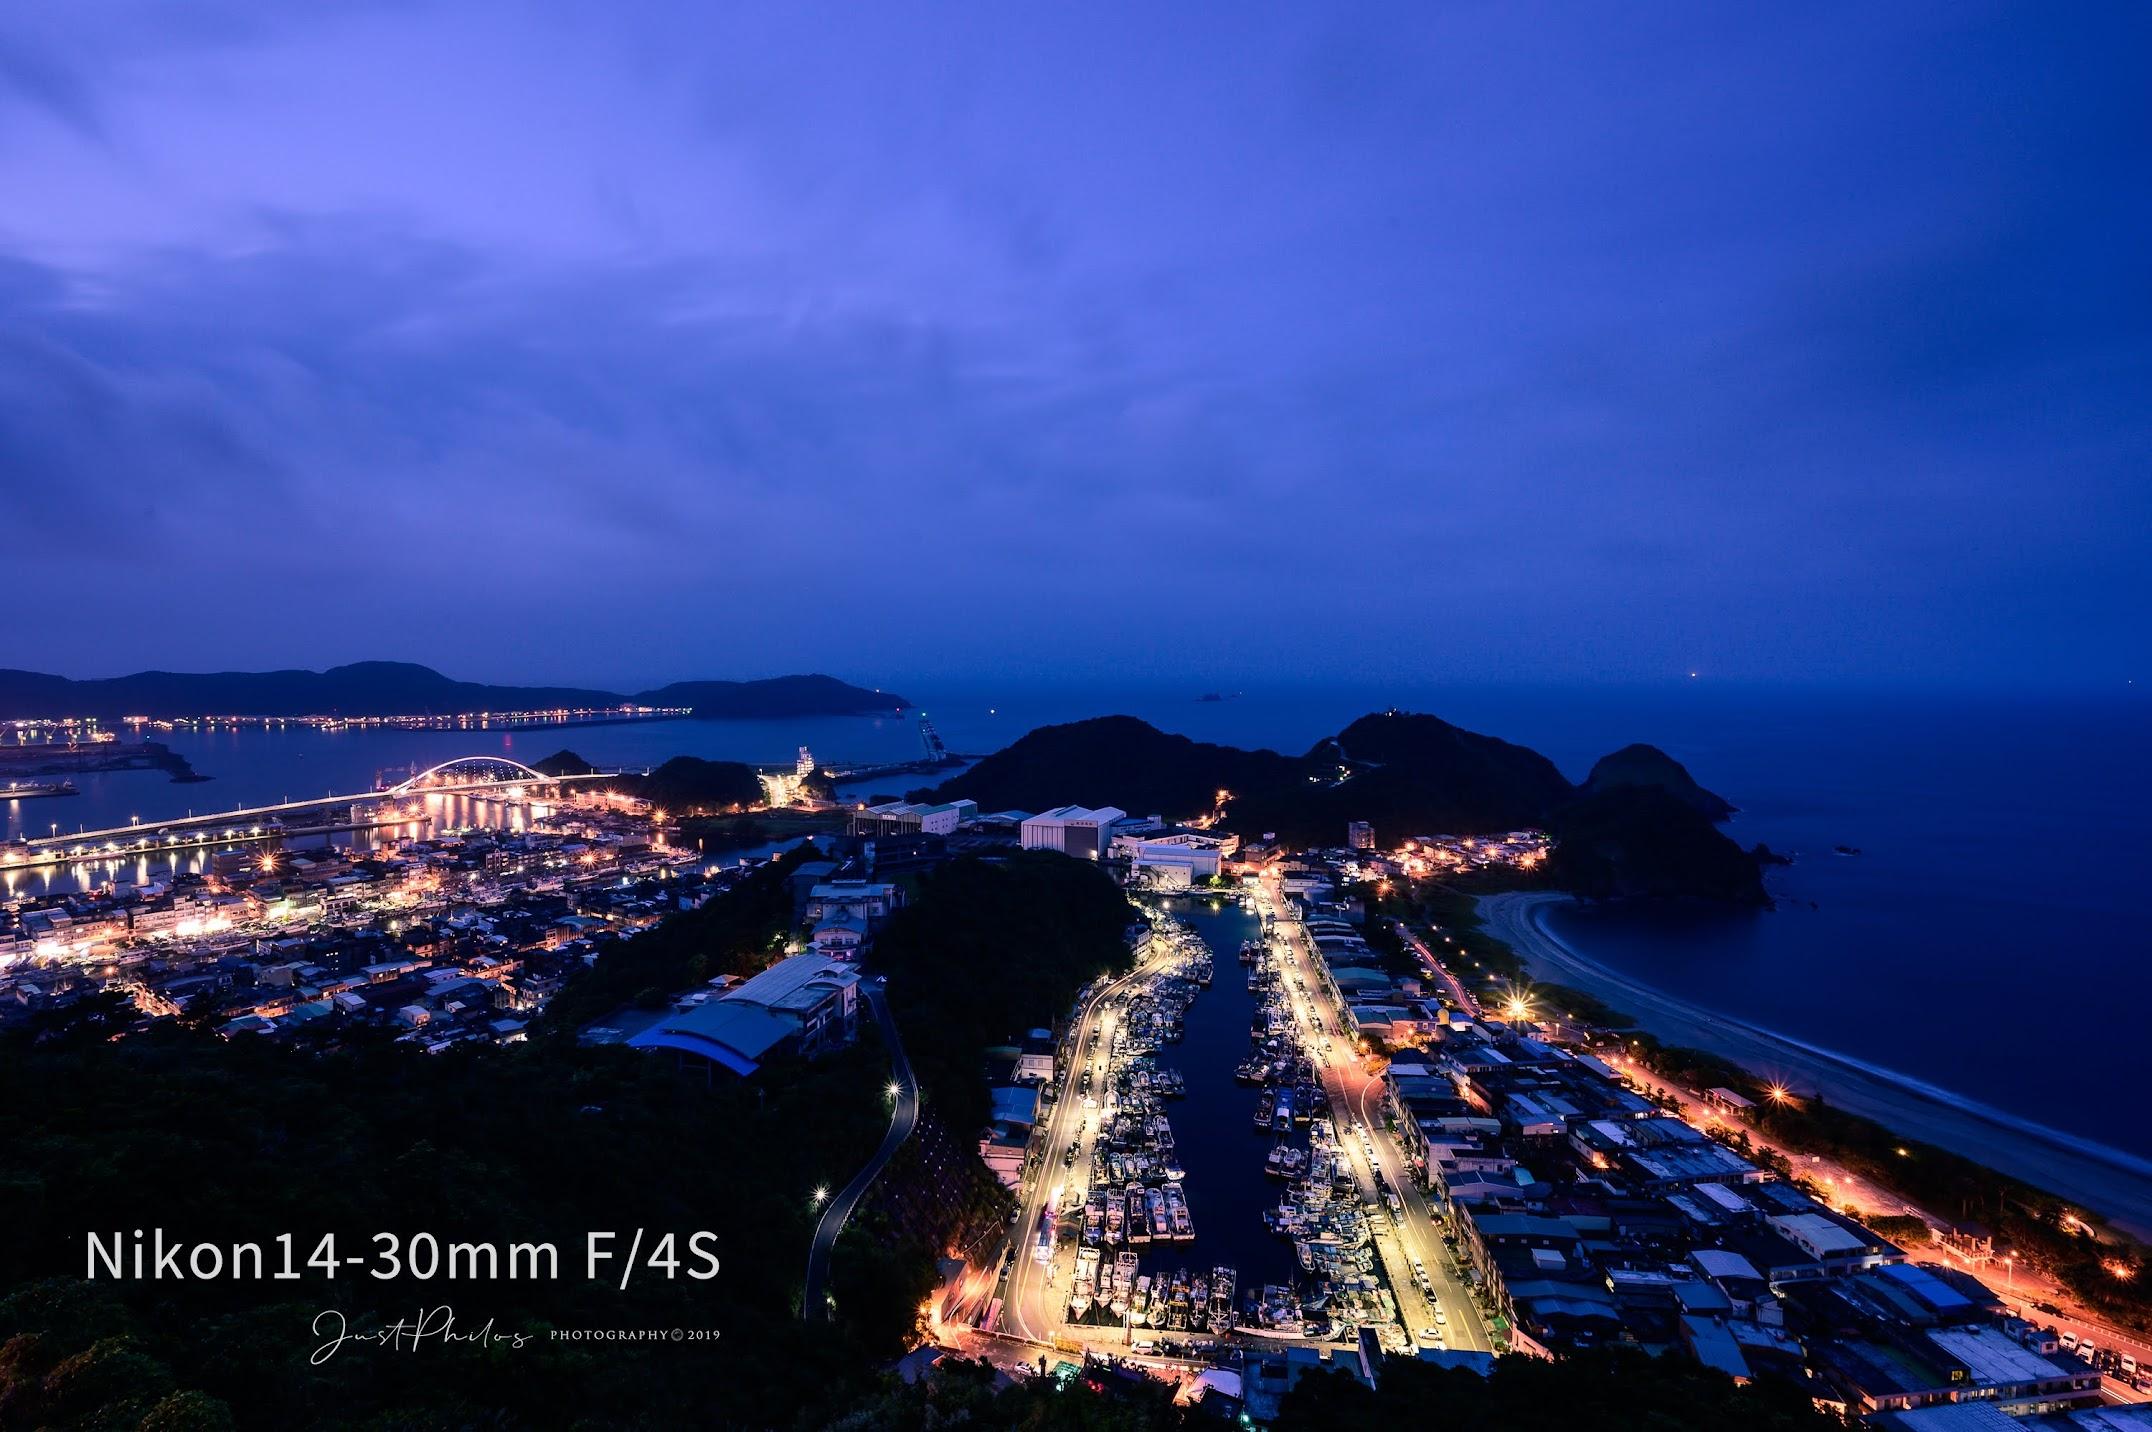 NIKON Z6+NIKON 14-30MM F/4S   f/13 30s ISO100 南方澳觀景台夜拍。拍攝這張照片刻意縮光圈看14-30mm F/4S這顆鏡頭的星芒表現,表現如何客倌自己評斷囉。